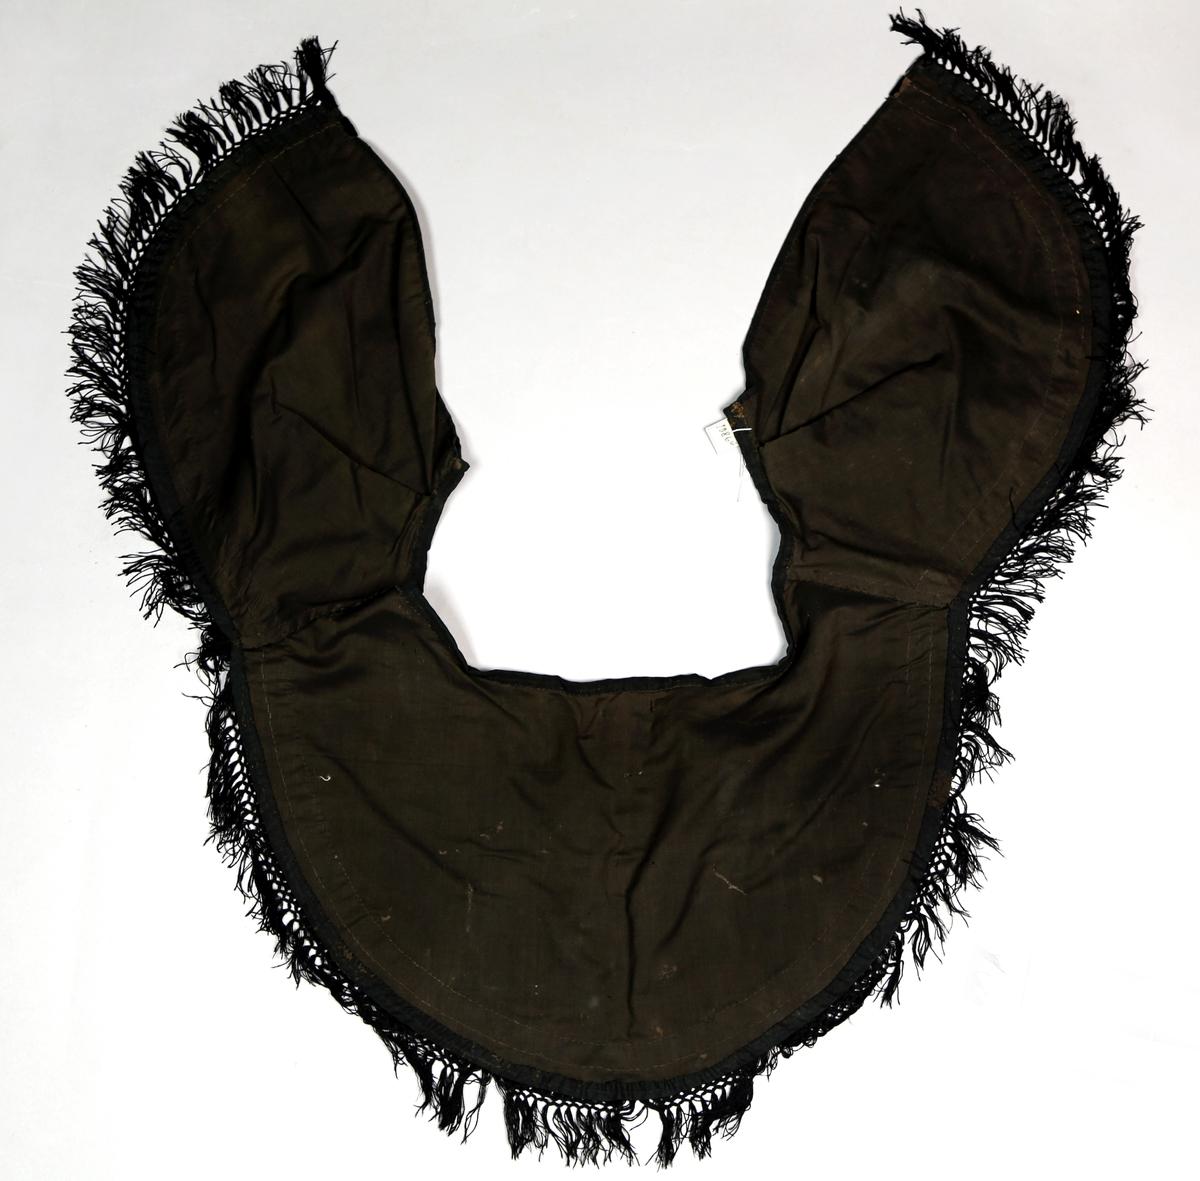 Krage som henger over skuldrene og er rund i formen. Den har fløyelsbånd og i nedkant bånd med frynser. Festes med hekter.